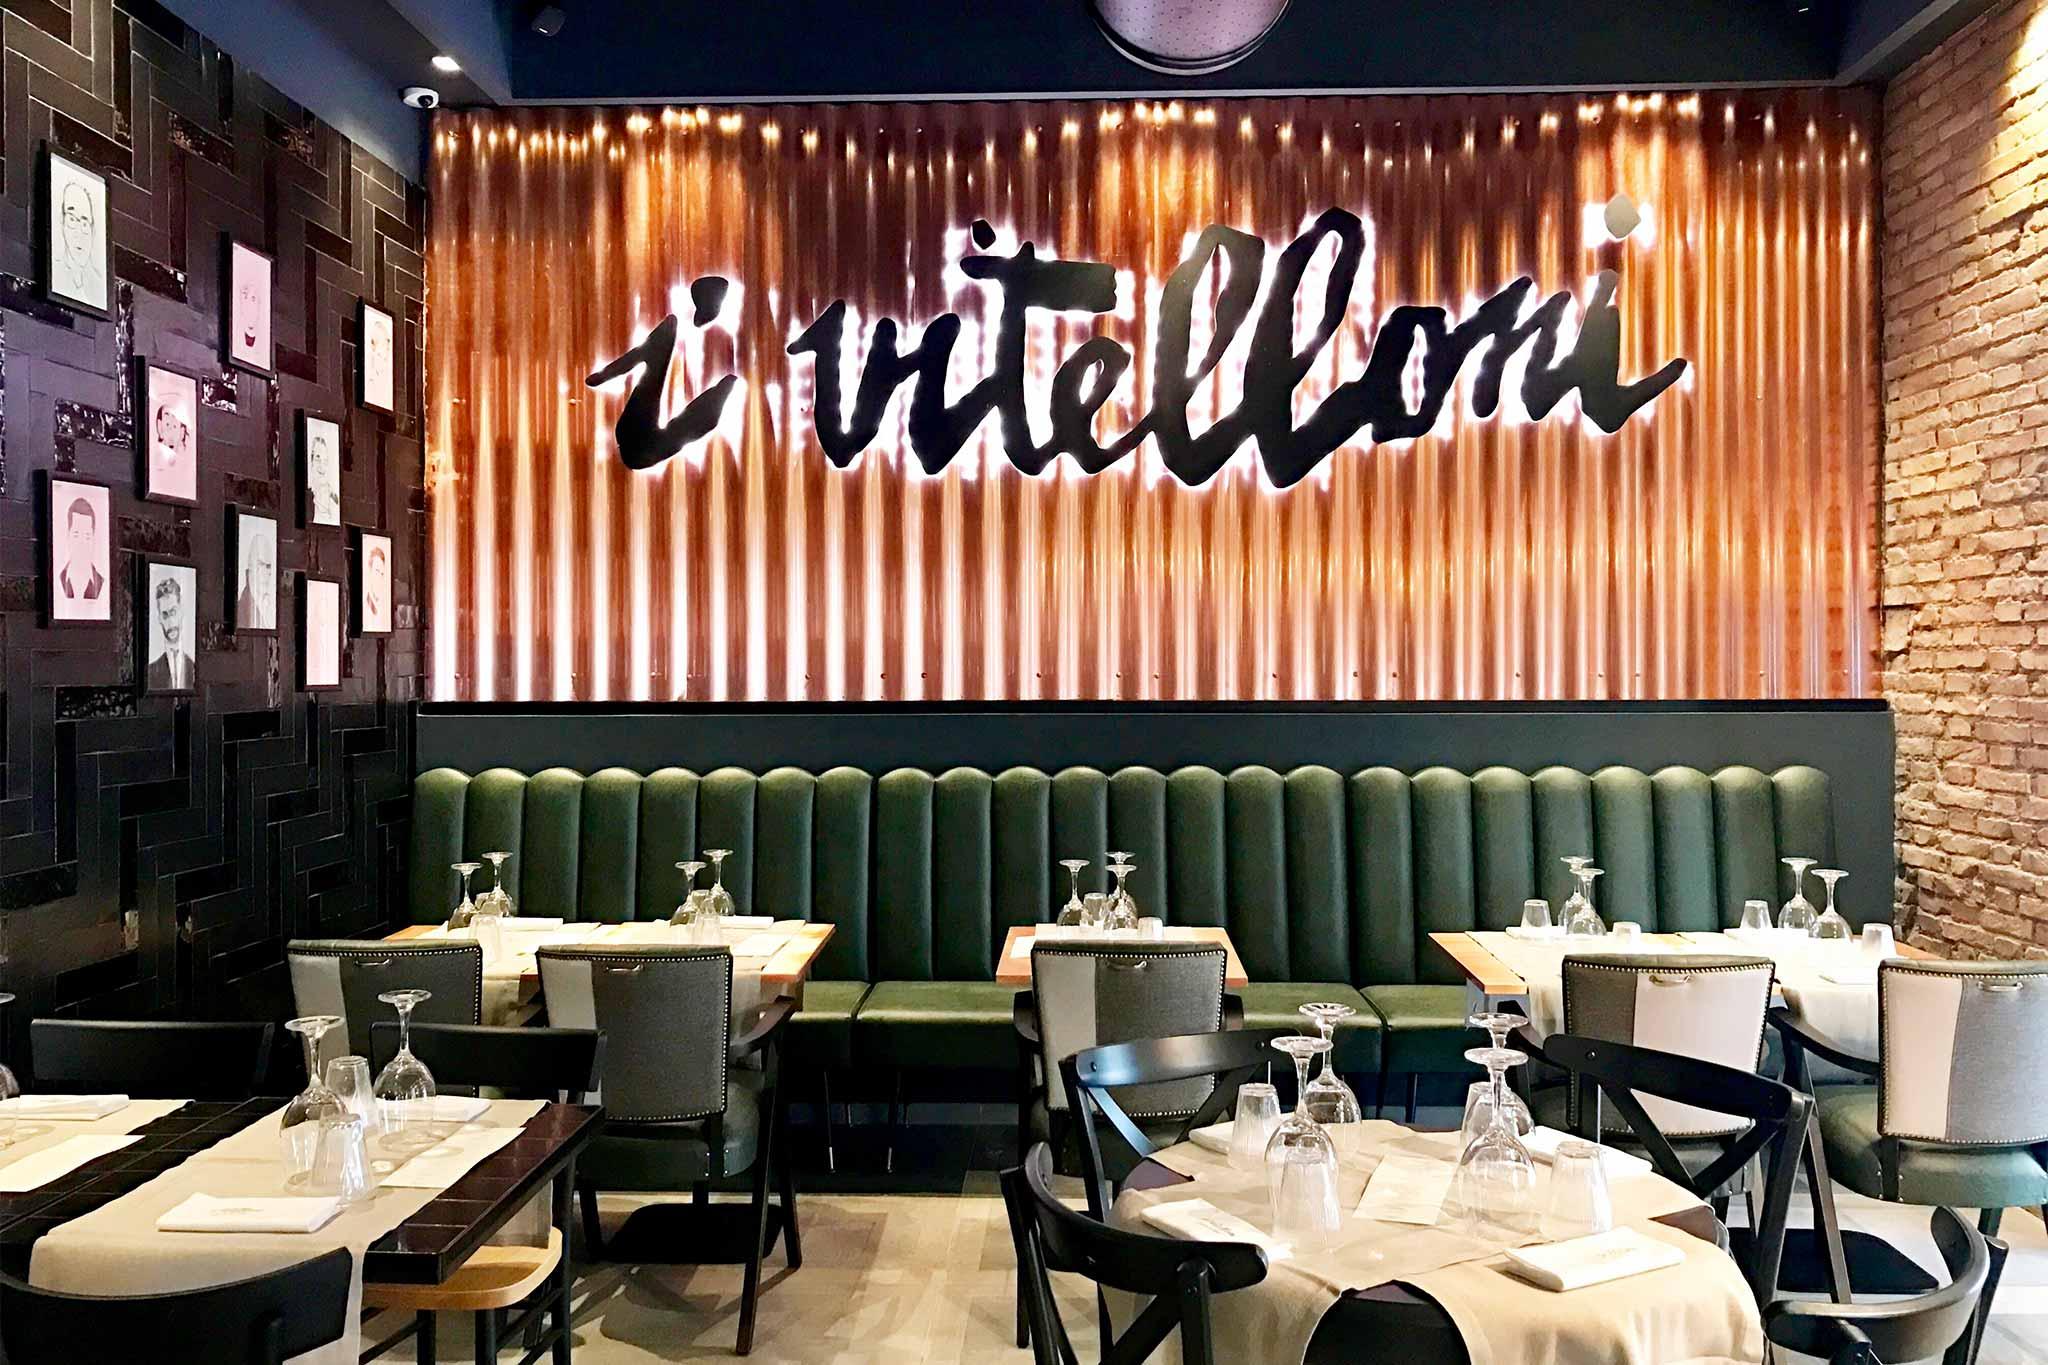 Roma i vitelloni mega ristorante da 700 mq che riapre con pizza hamburger e cucina di mare - Pizzeria con giardino roma ...